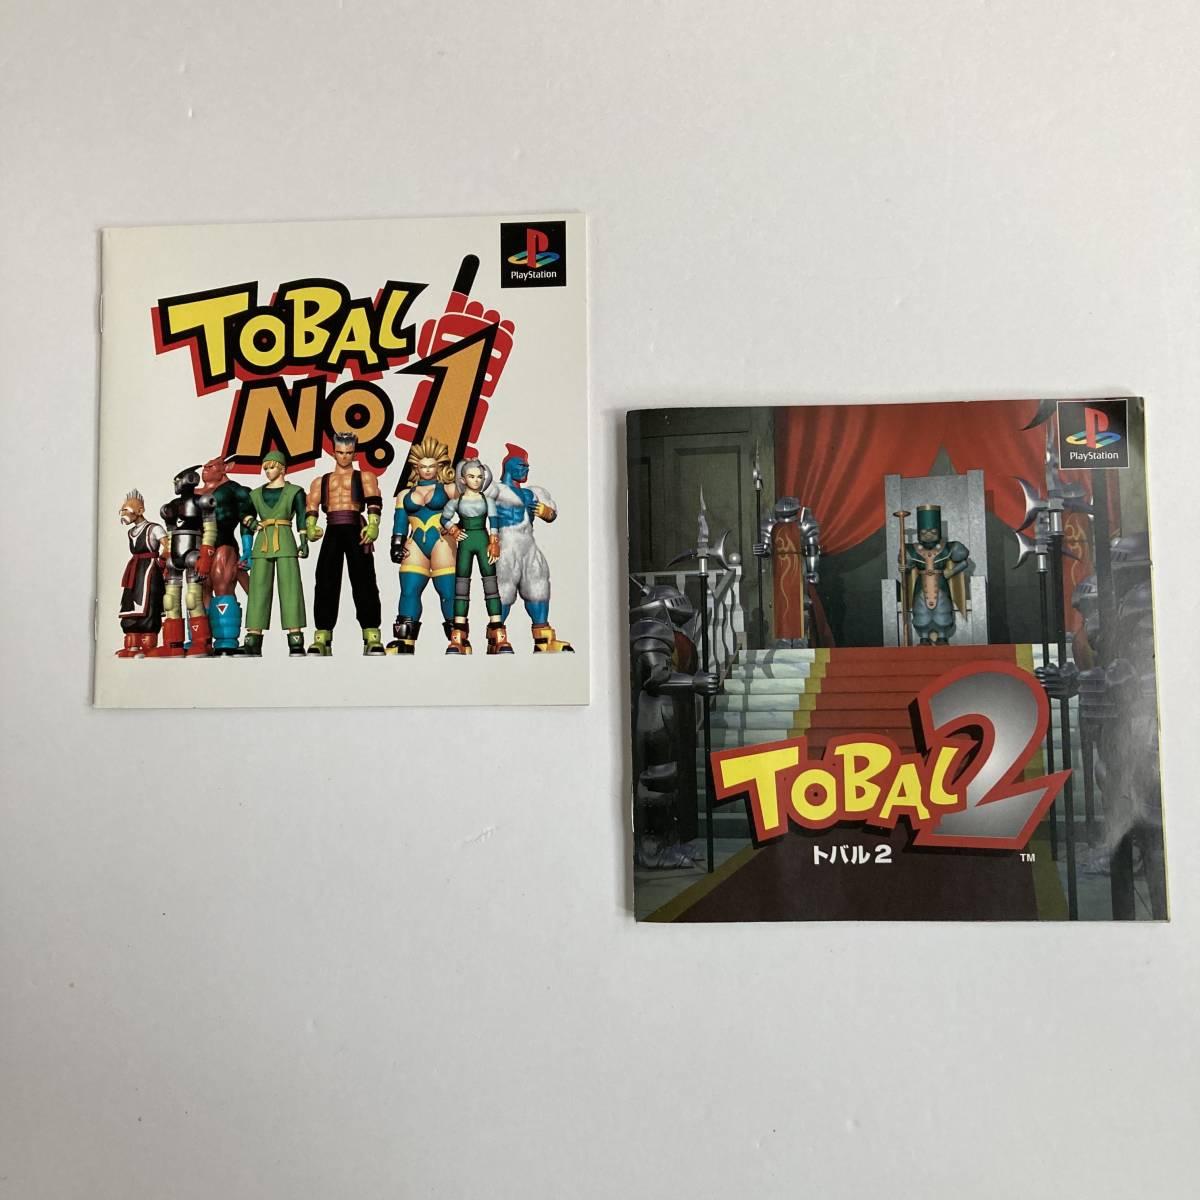 プレイステーション用 トバル No.1 + トバル2 セット / Lot 2 Tobal No.1 & Tobal 2 PS1 Akira Toriyama Square Playstation 1 Japan Game